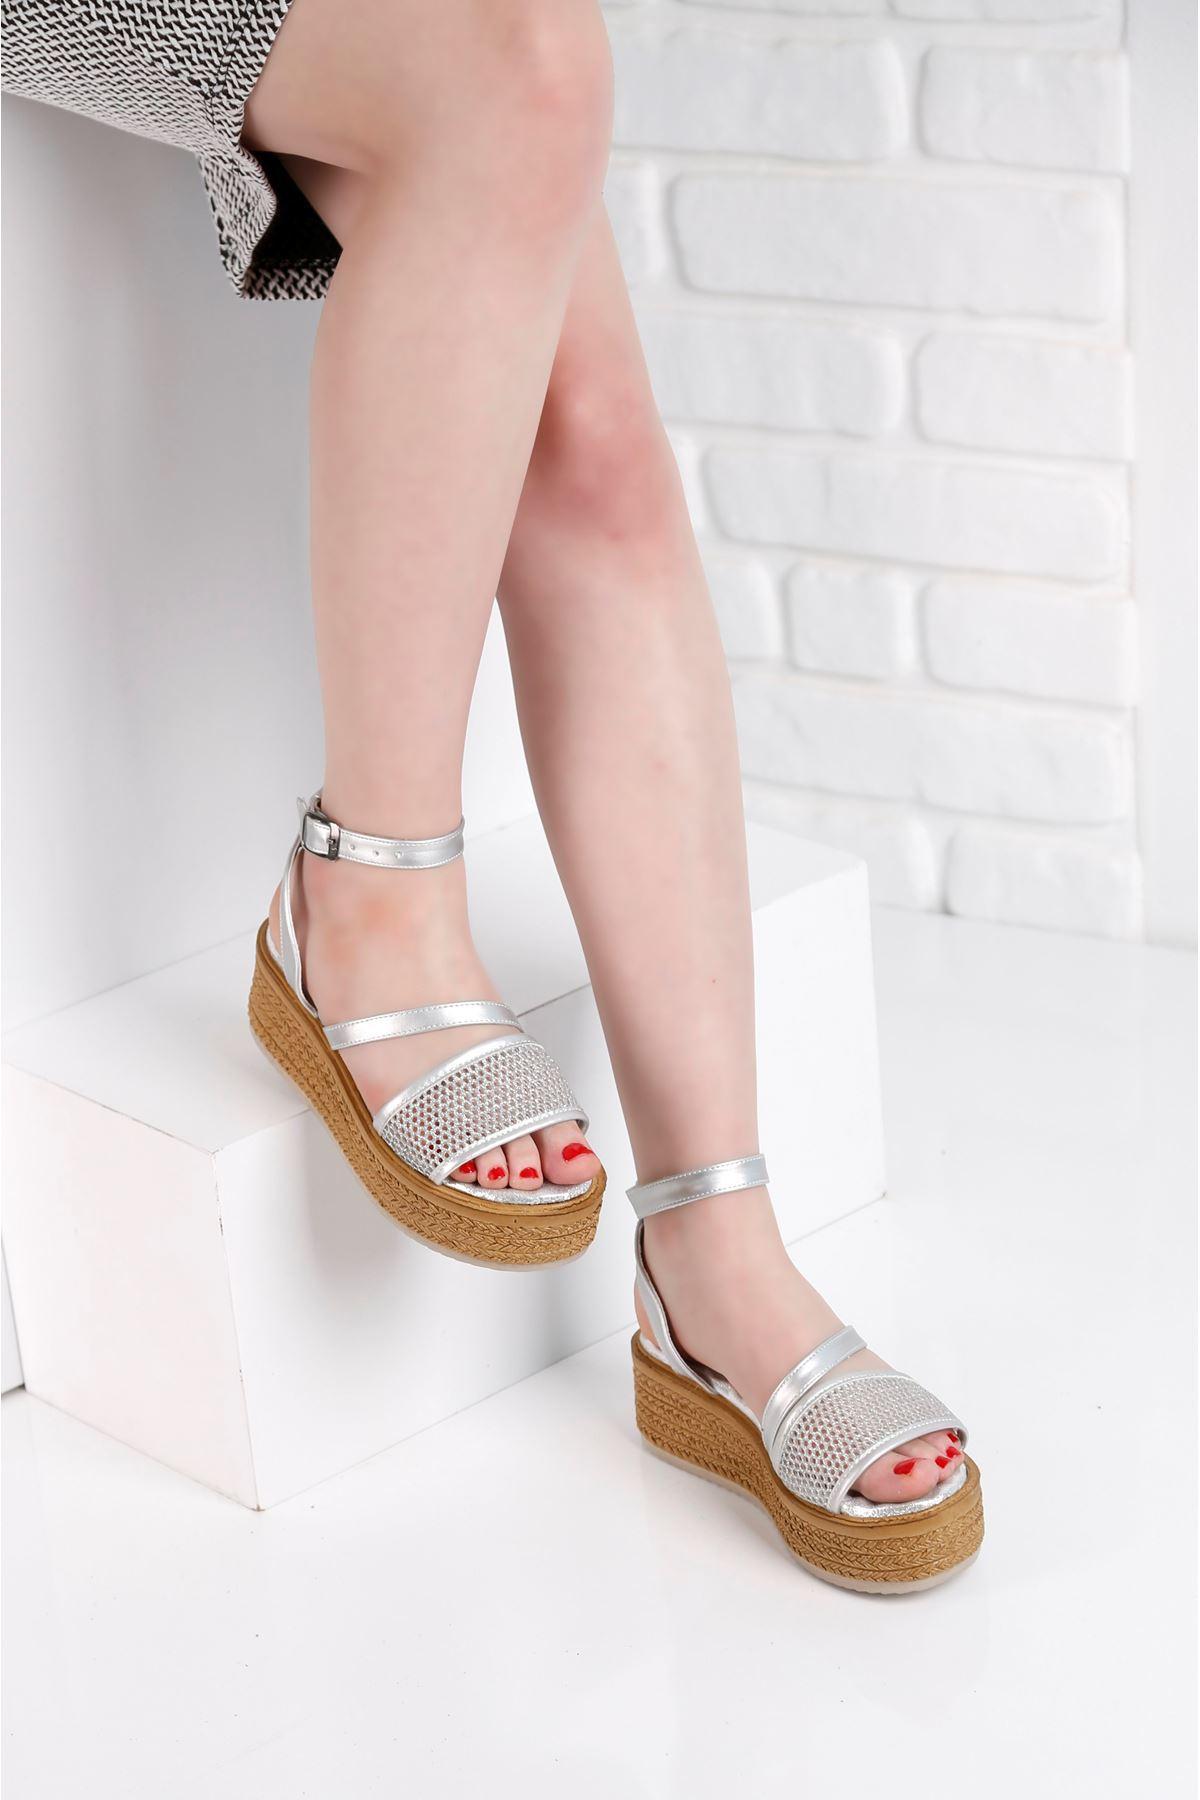 Gratis File Gümüş Sandalet